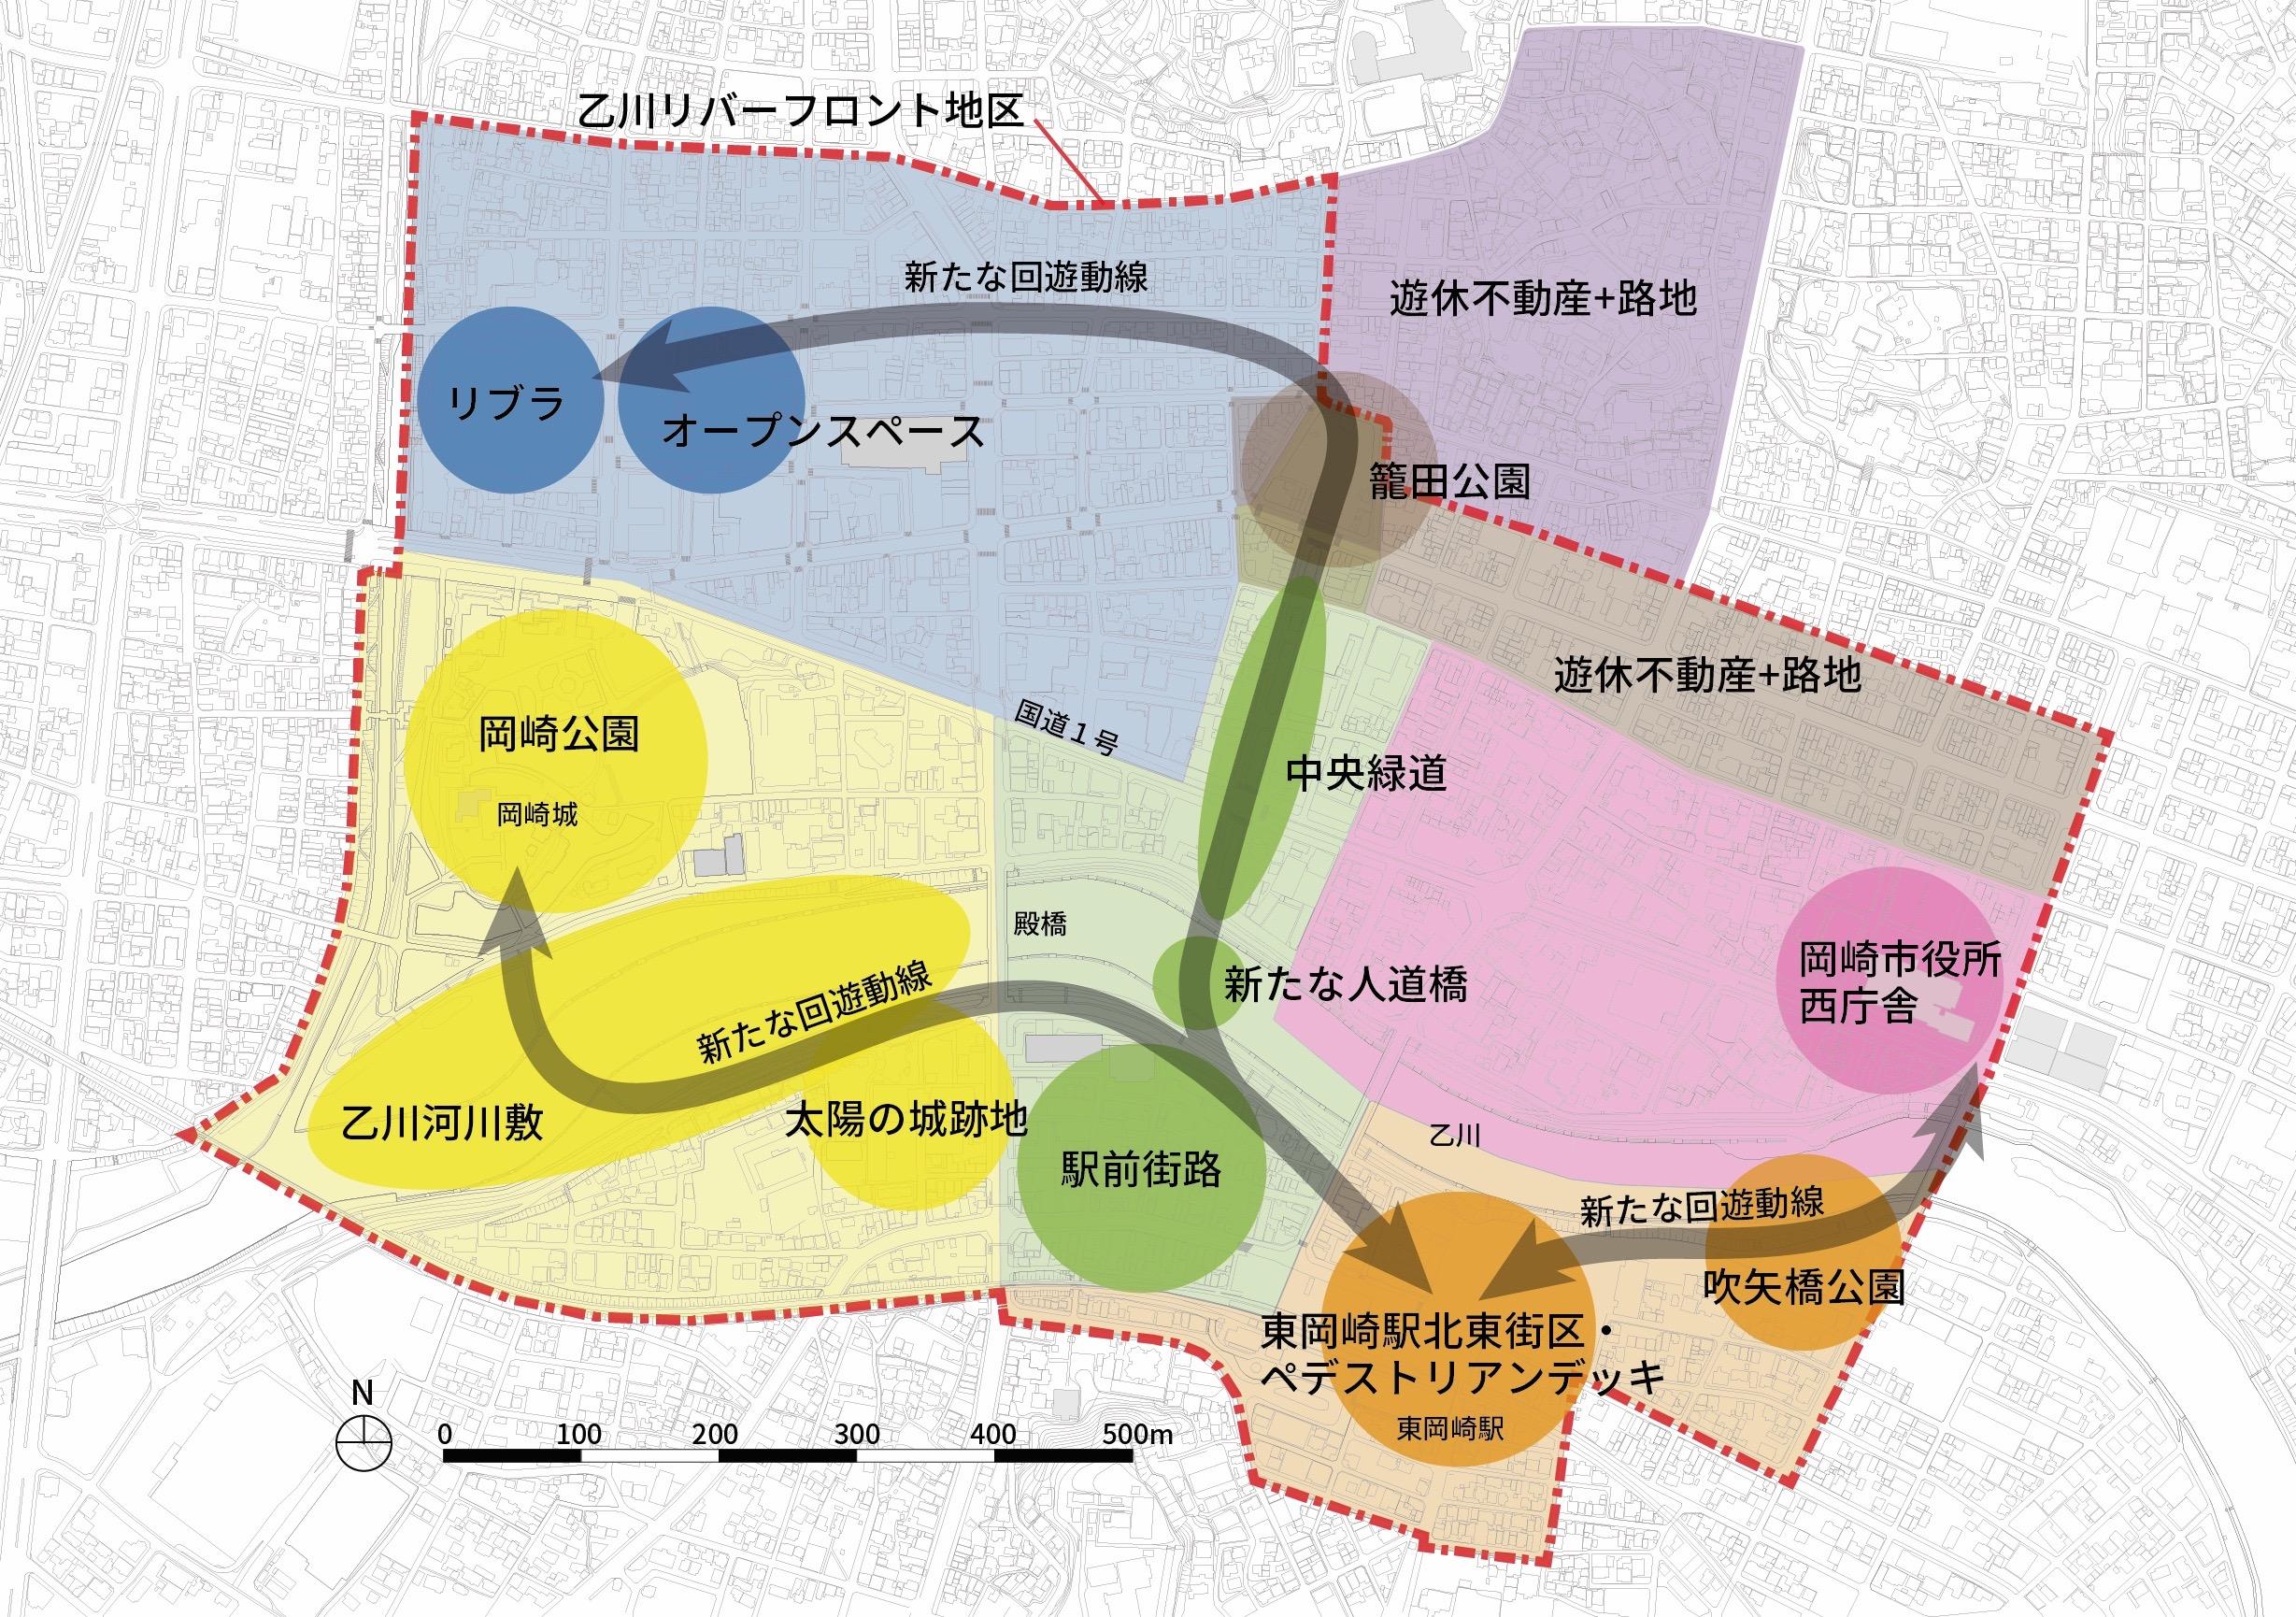 街にある様々な施設や空間を公民連携で整備したり民間投資を誘発することで、リバーフロント地区全体の魅力や回遊性を高めることを狙う「まちづくりデザイン基本構想」の概略イメージ(筆者作成)